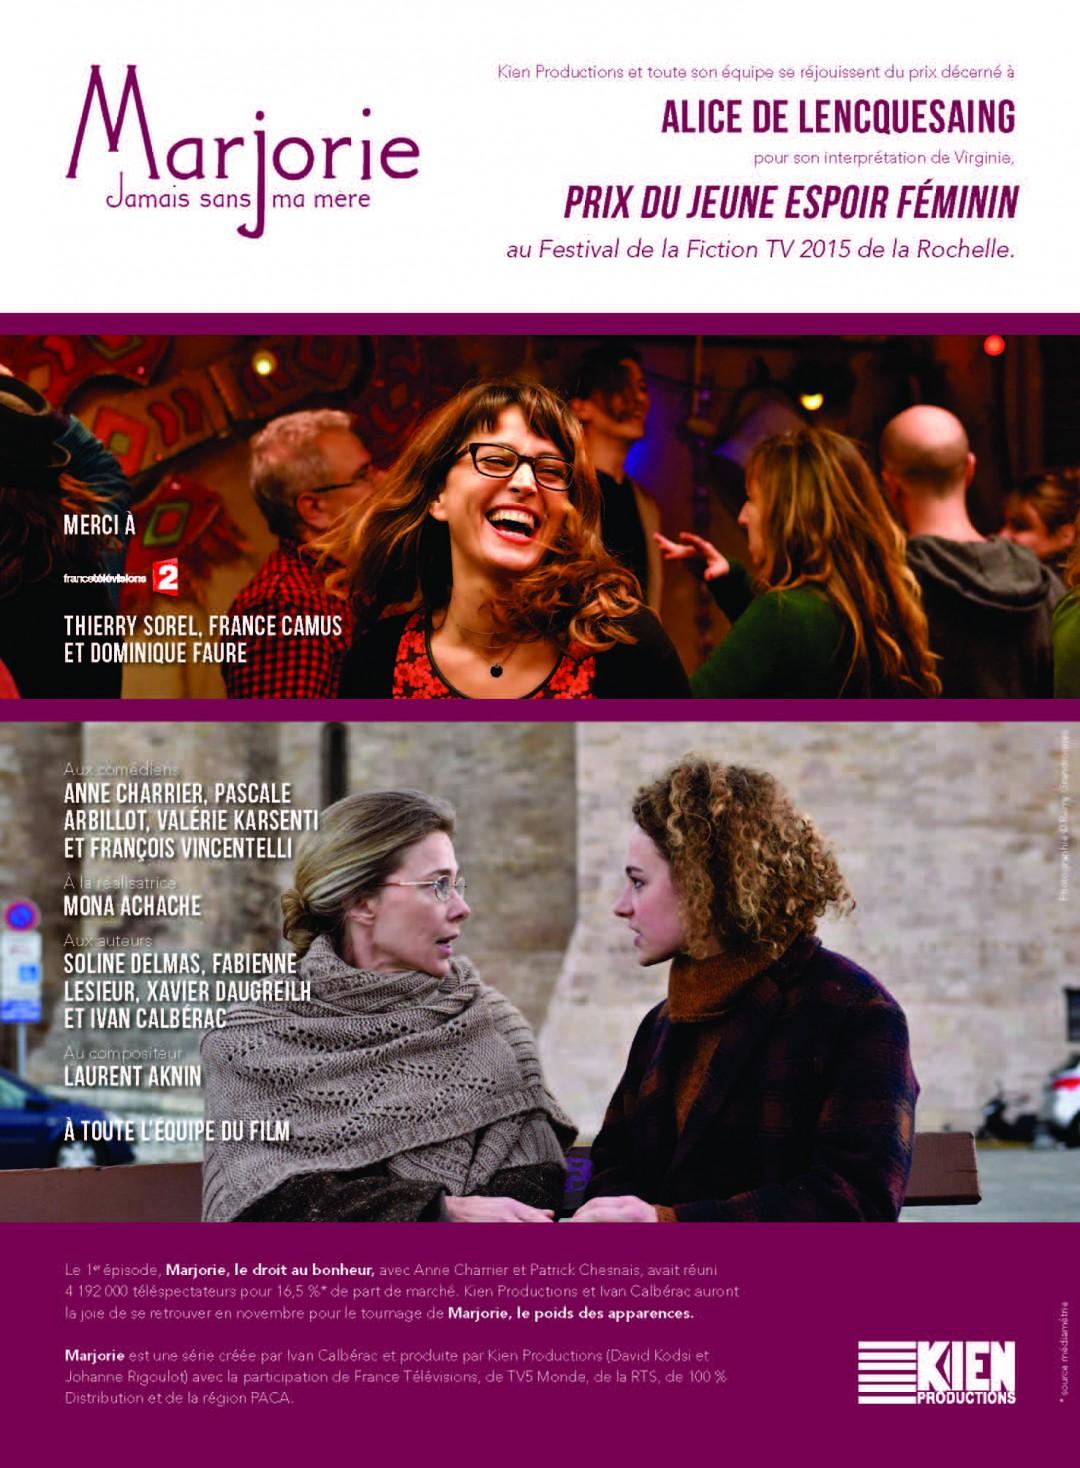 KIEN_Annonce presse_Marjorie_V1 (2)_Page_1